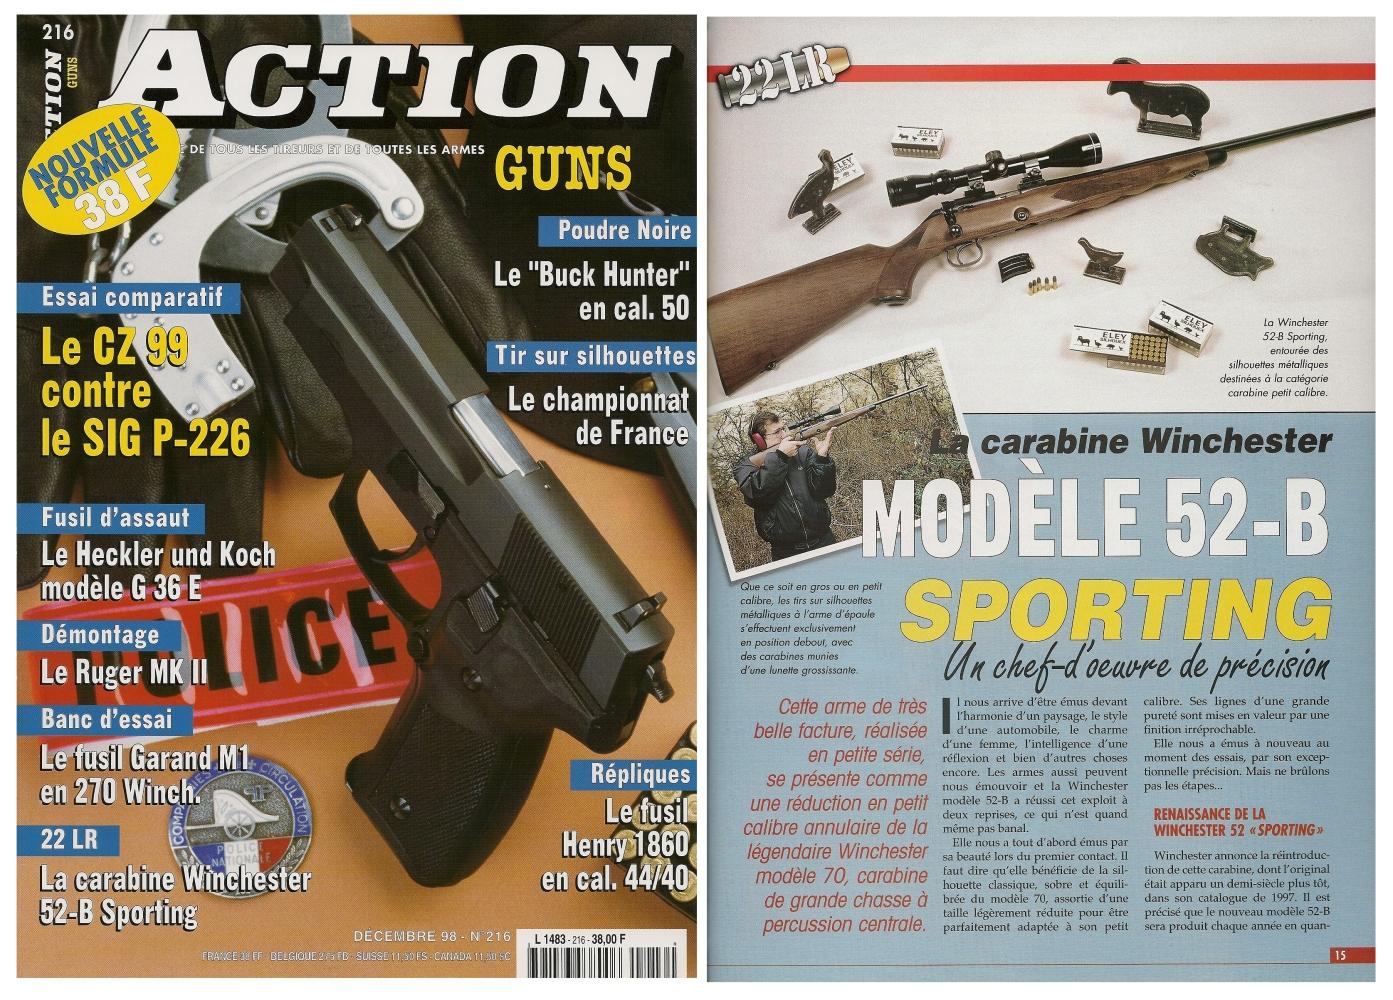 Le banc d'essai de la carabine Winchester modèle 52-B Sporting a été publié sur 5 pages dans le magazine Action Guns n°216 (décembre 1998).